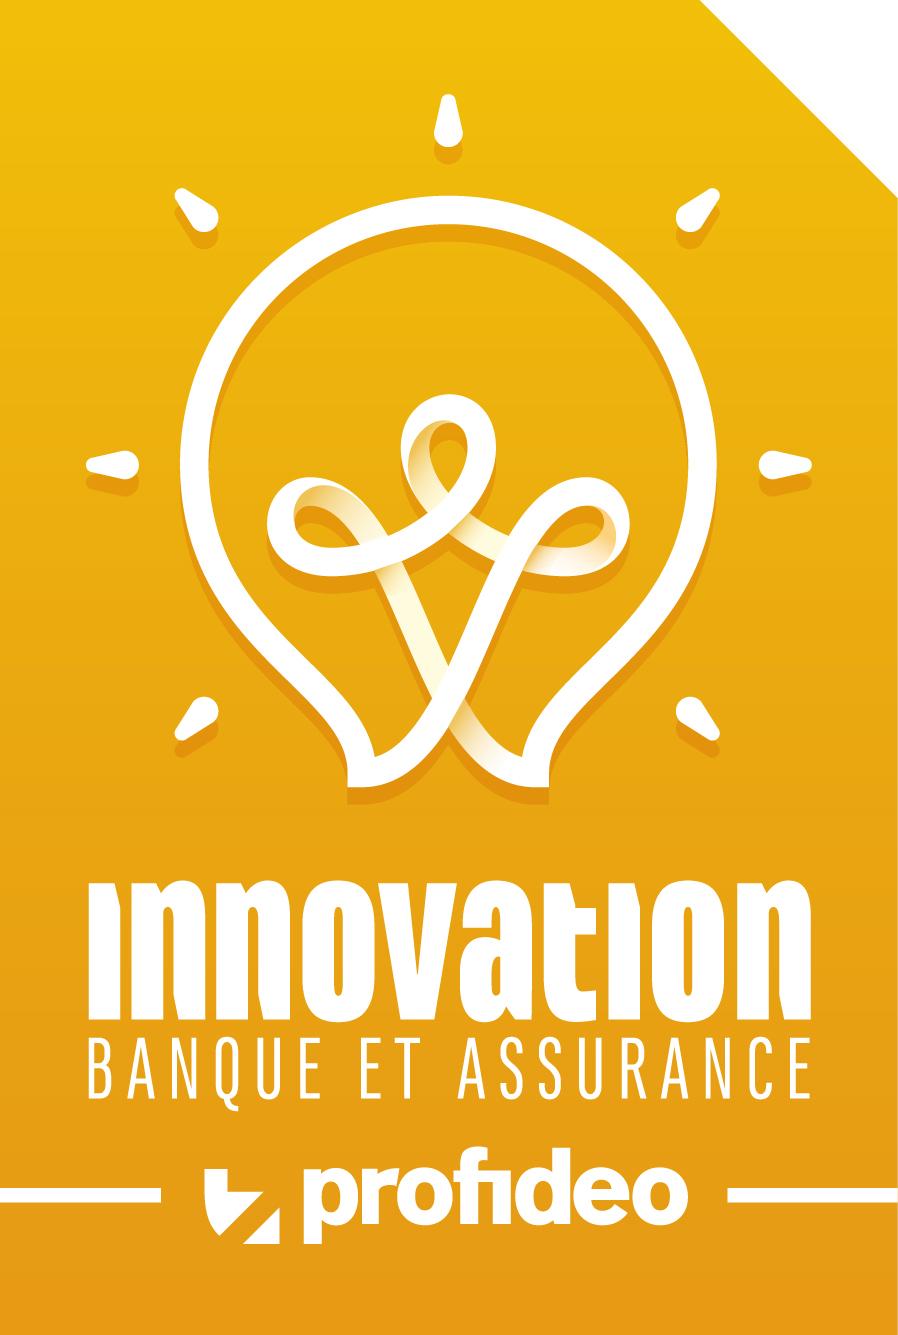 Trophée de l'innovation - Wedou : changer d'assurance de prêt